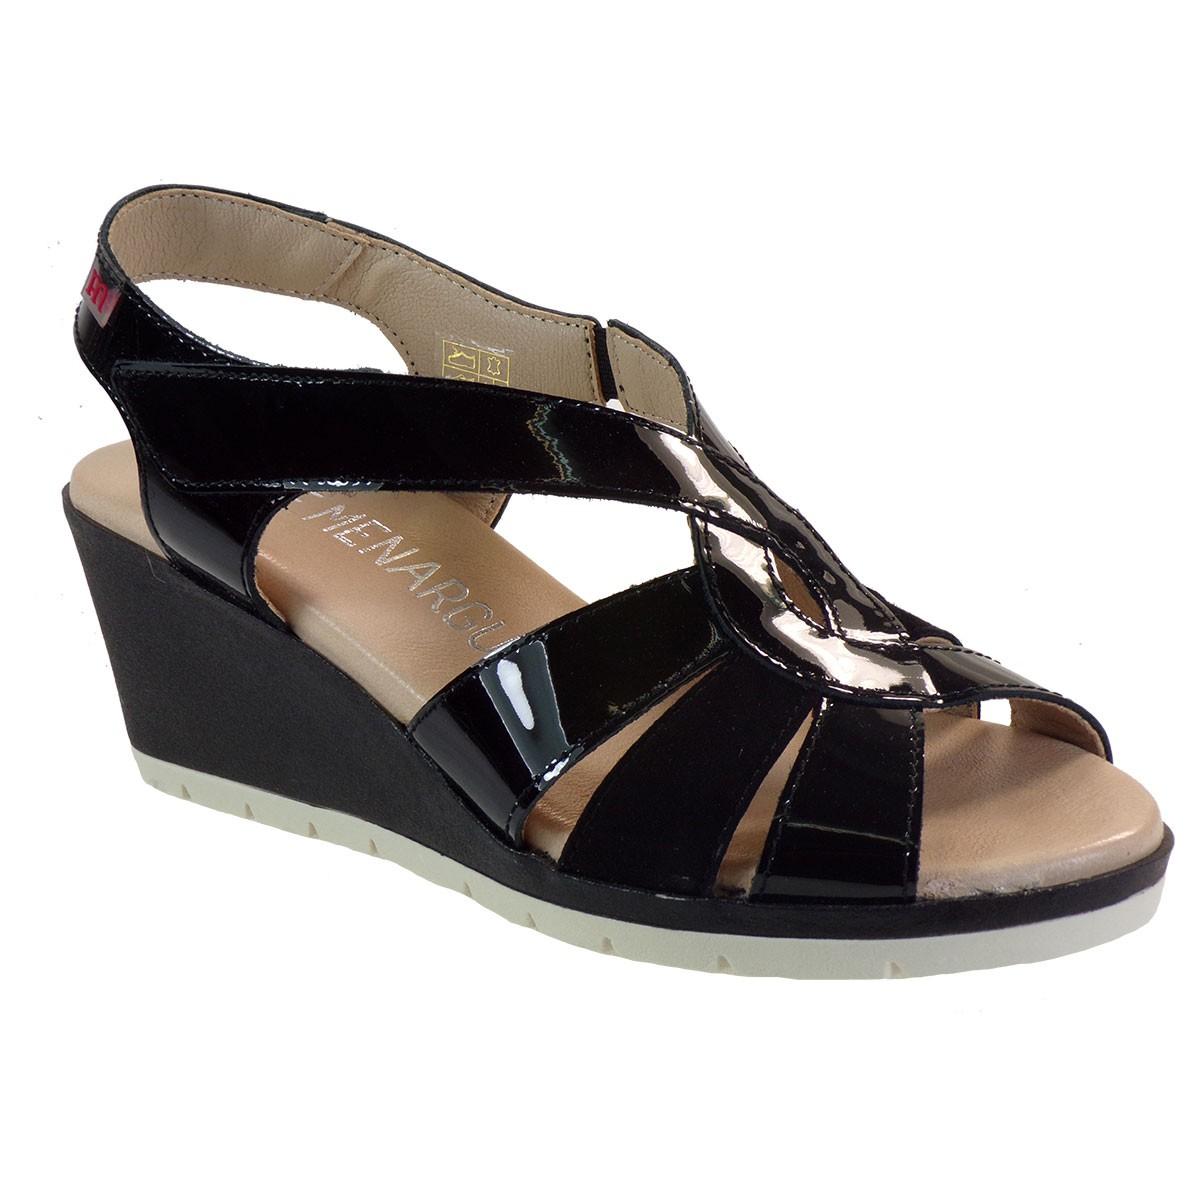 PEPE MENARGUES SHOES Γυναικεία Παπούτσια Πέδιλα 3077 Μαύρο Δέρμα